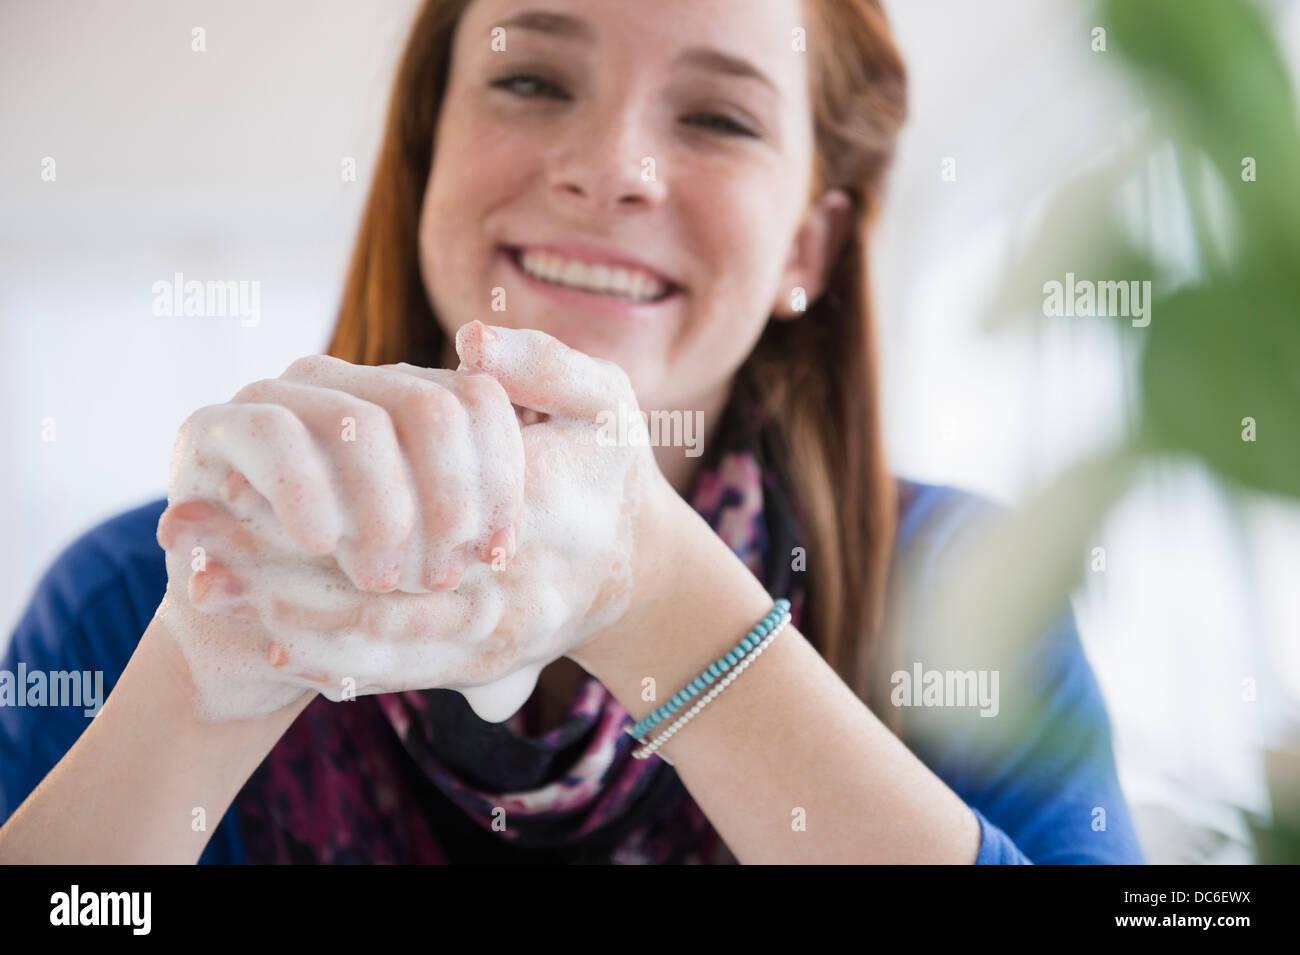 Teenage girl (14-15) washing hands - Stock Image